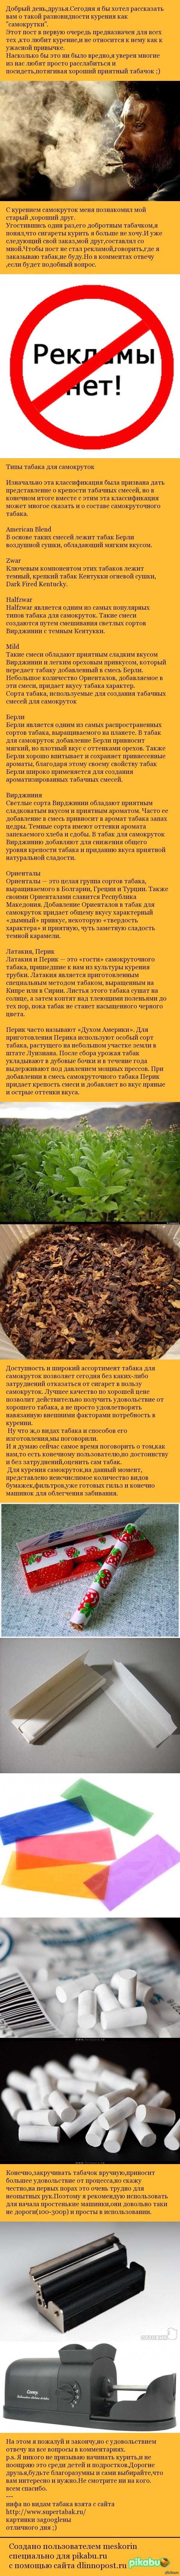 Курение самокруток. Я не буду говорить ни о вреде,ни о пользе курения.  Данный длиннопост создан для ознакомительных целей.